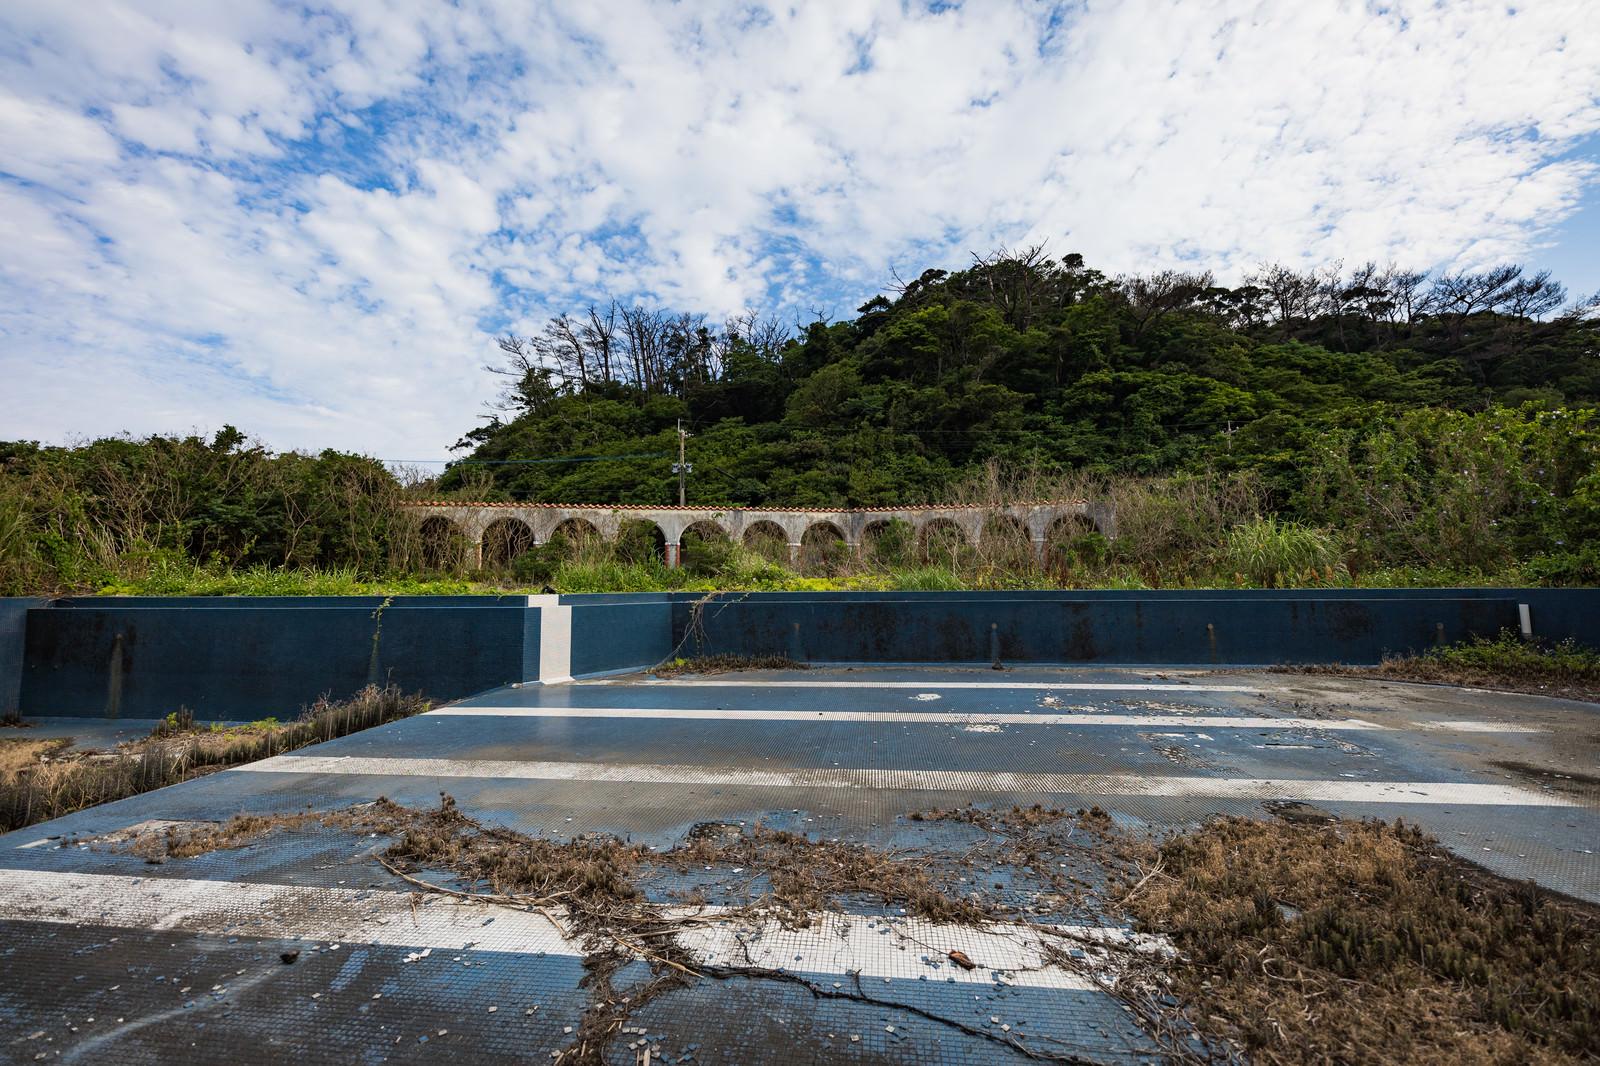 「閉鎖された徳之島ニューオータニ・ホテル 廃墟とプール跡」の写真